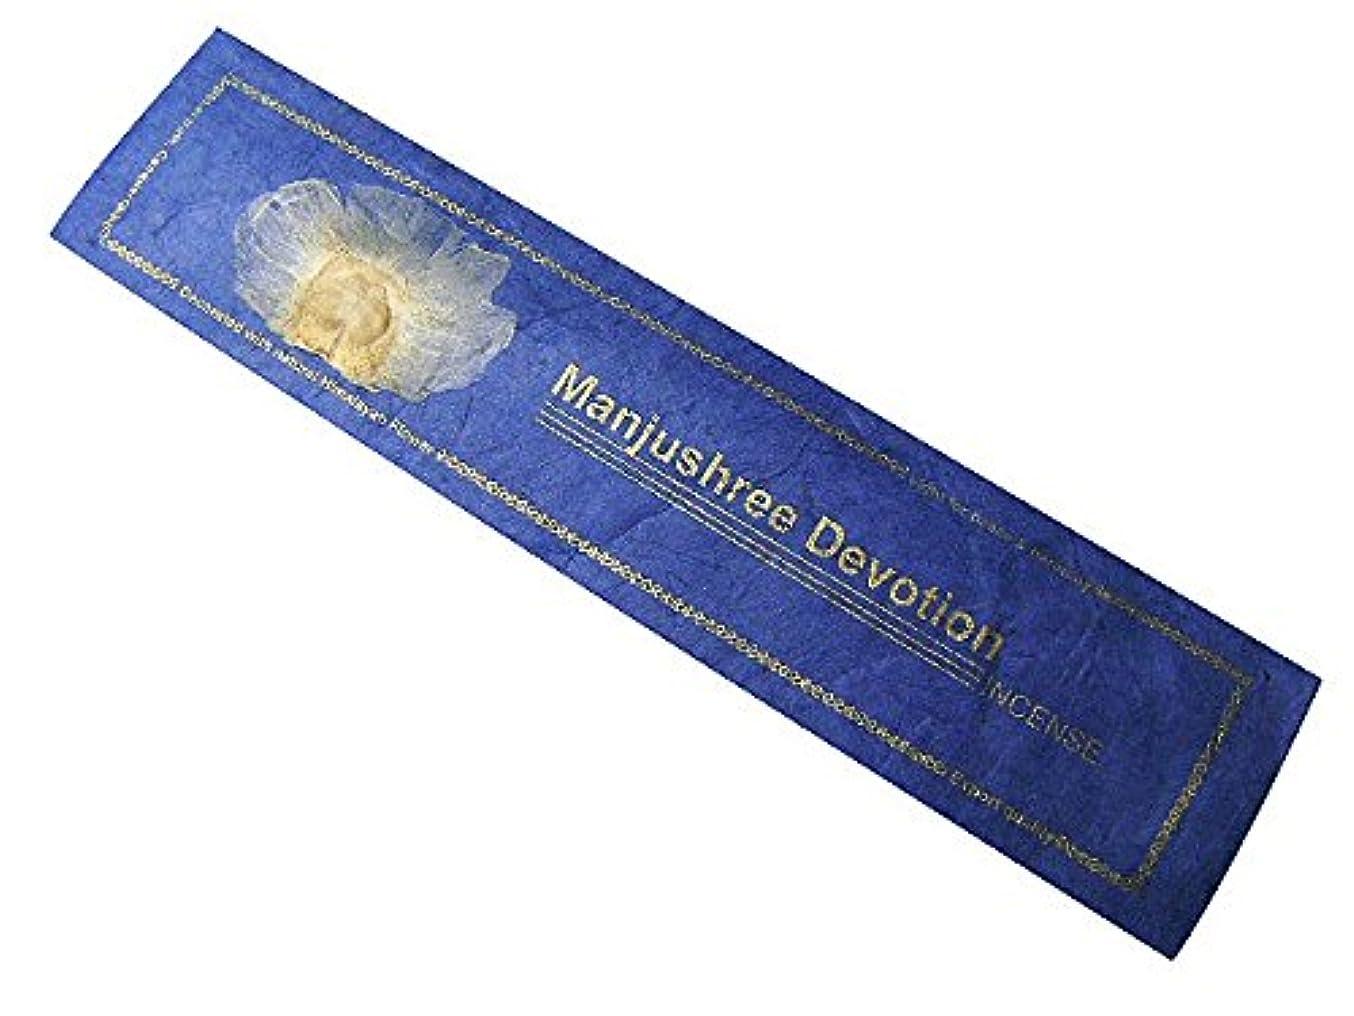 枕永久クロスNEPAL INCENSE ネパールのロクタ紙にヒマラヤの押し花のお香【ManjushreeDevotionマンジュシュリーデボーション】 スティック